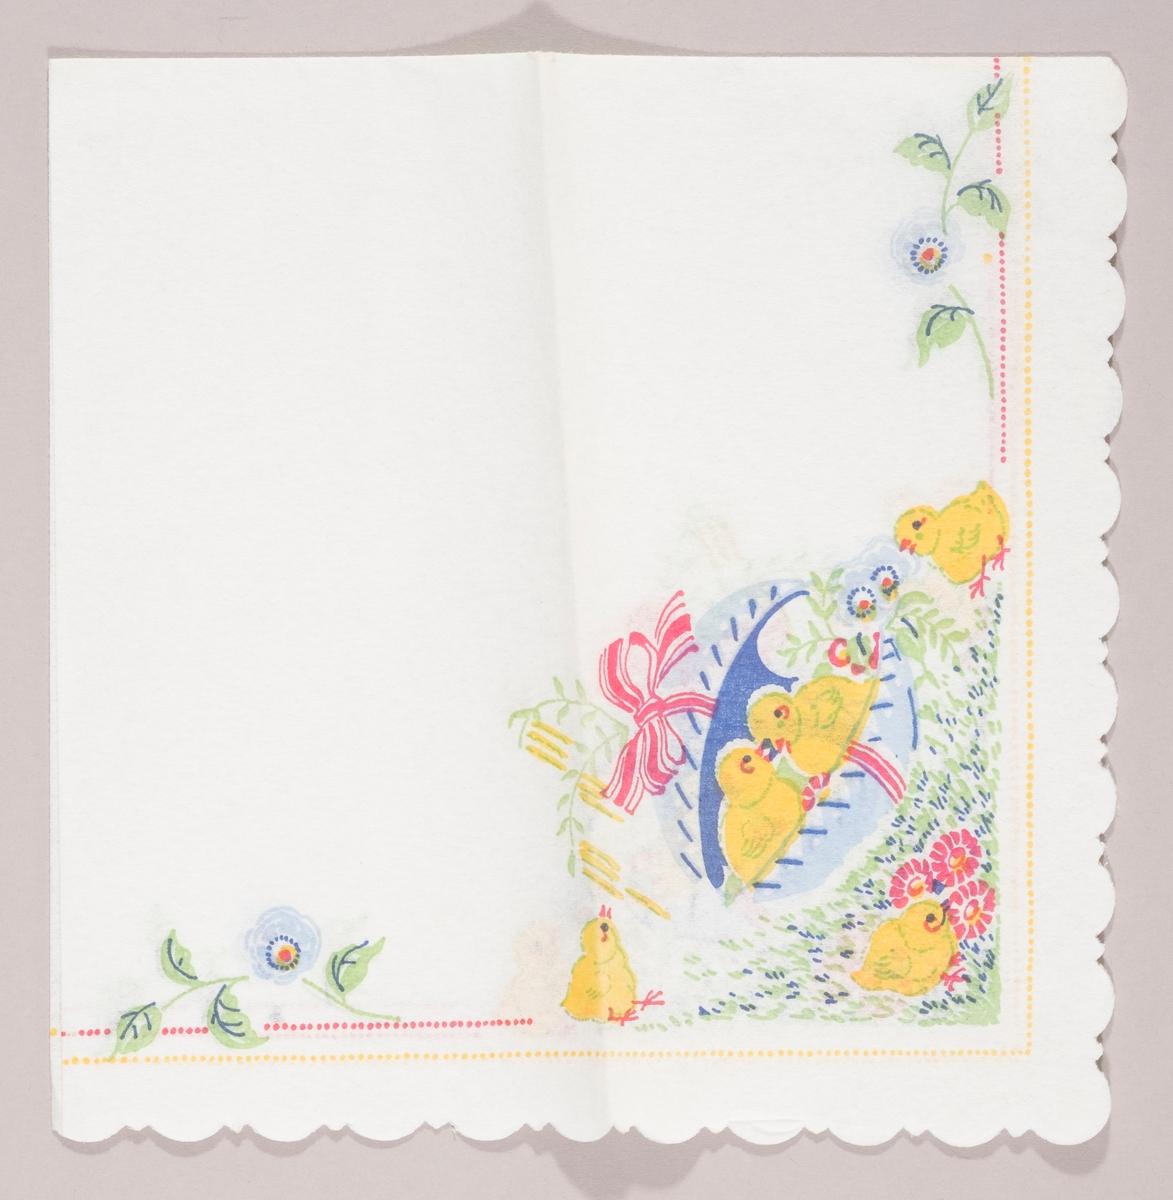 To kyllinger sitter i et åpent påskeegg med en stor sløyfe. Kyllinger står på en gressplen med røde blomster. Blå blomster. Stripper av gule og røde prikker langs kanten.